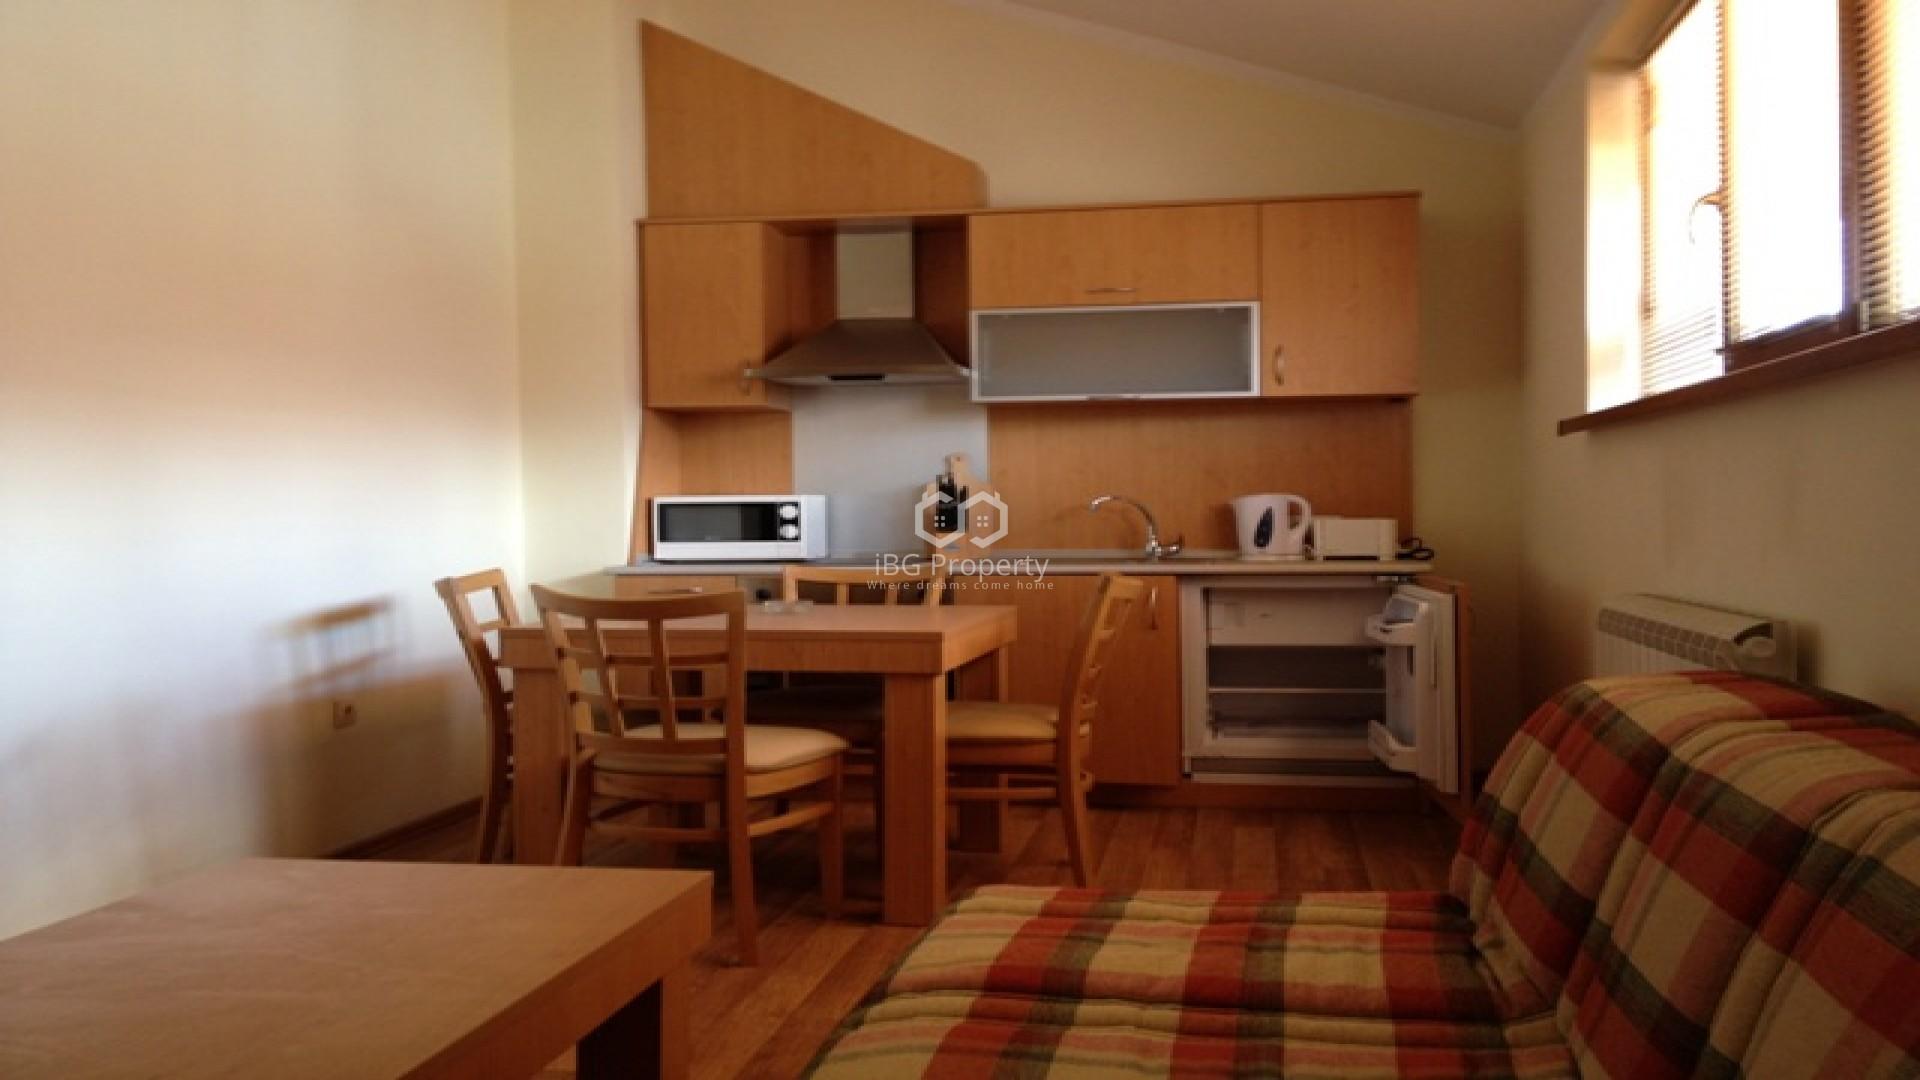 Zweizimmerwohnung in Bansko 63 m2